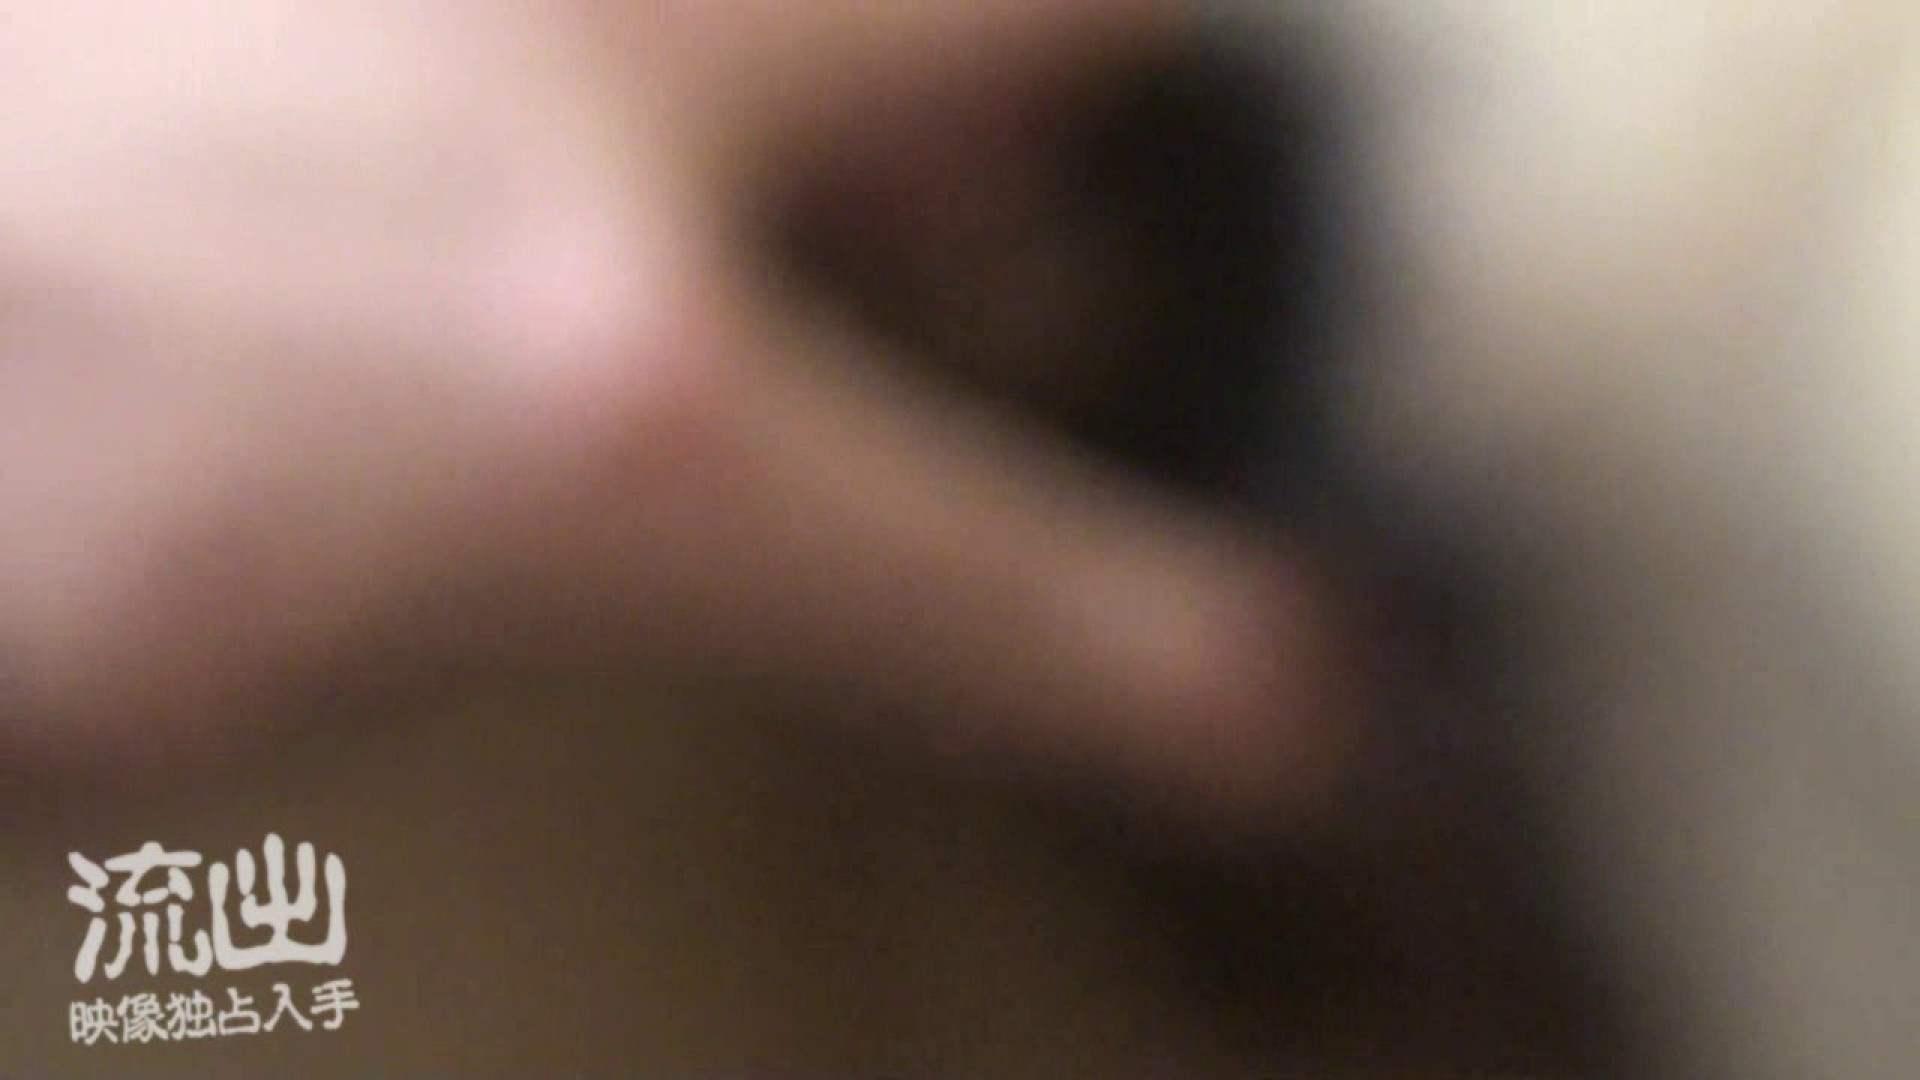 素人流出動画 都内在住マモルくんのファイルvol.4 OLのエッチ オメコ動画キャプチャ 102pic 46